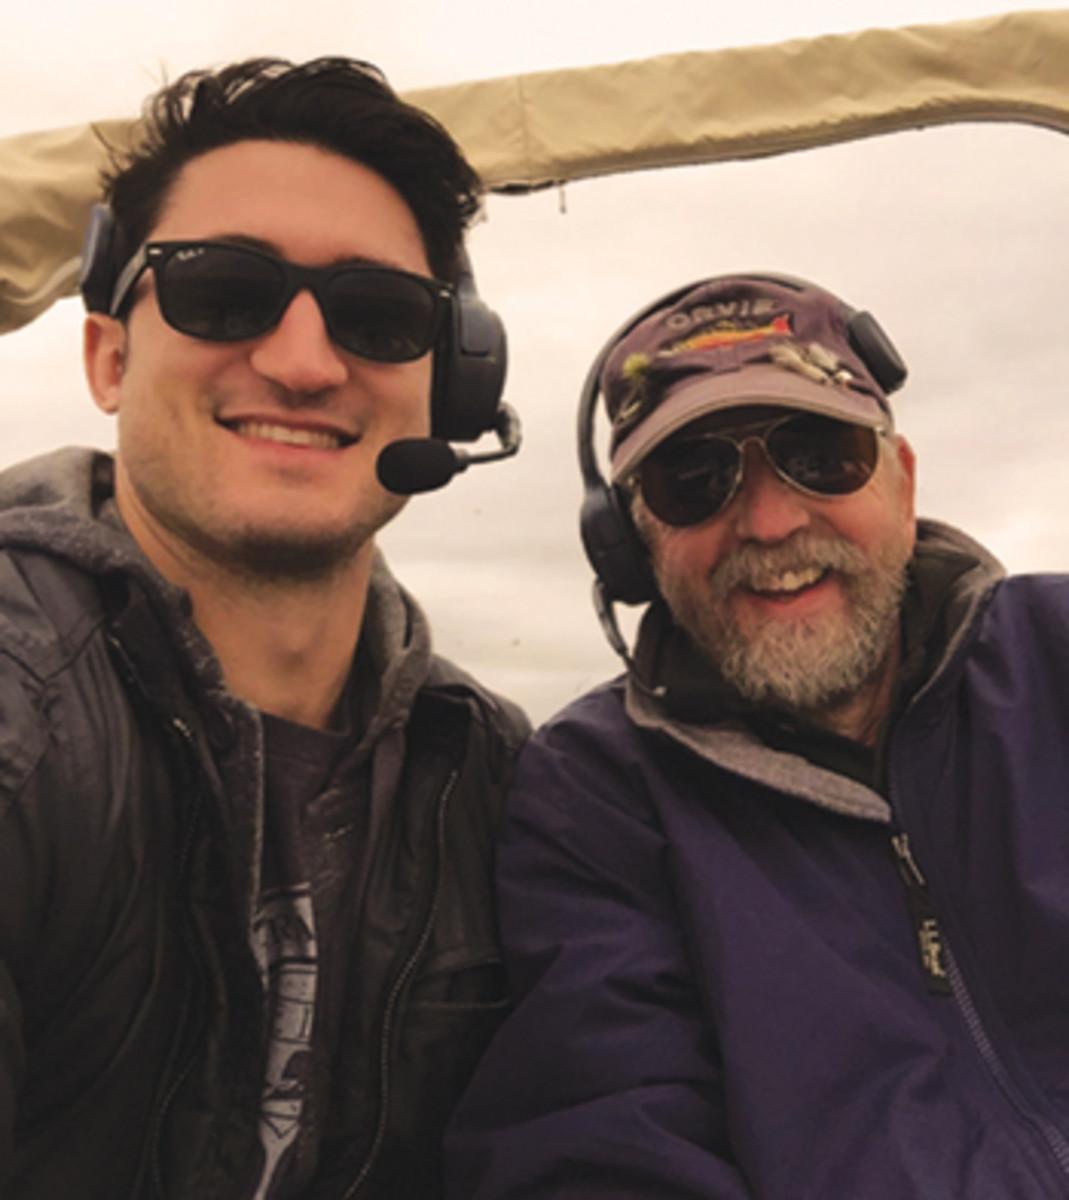 Simon Murray and Capt. BIll Pike